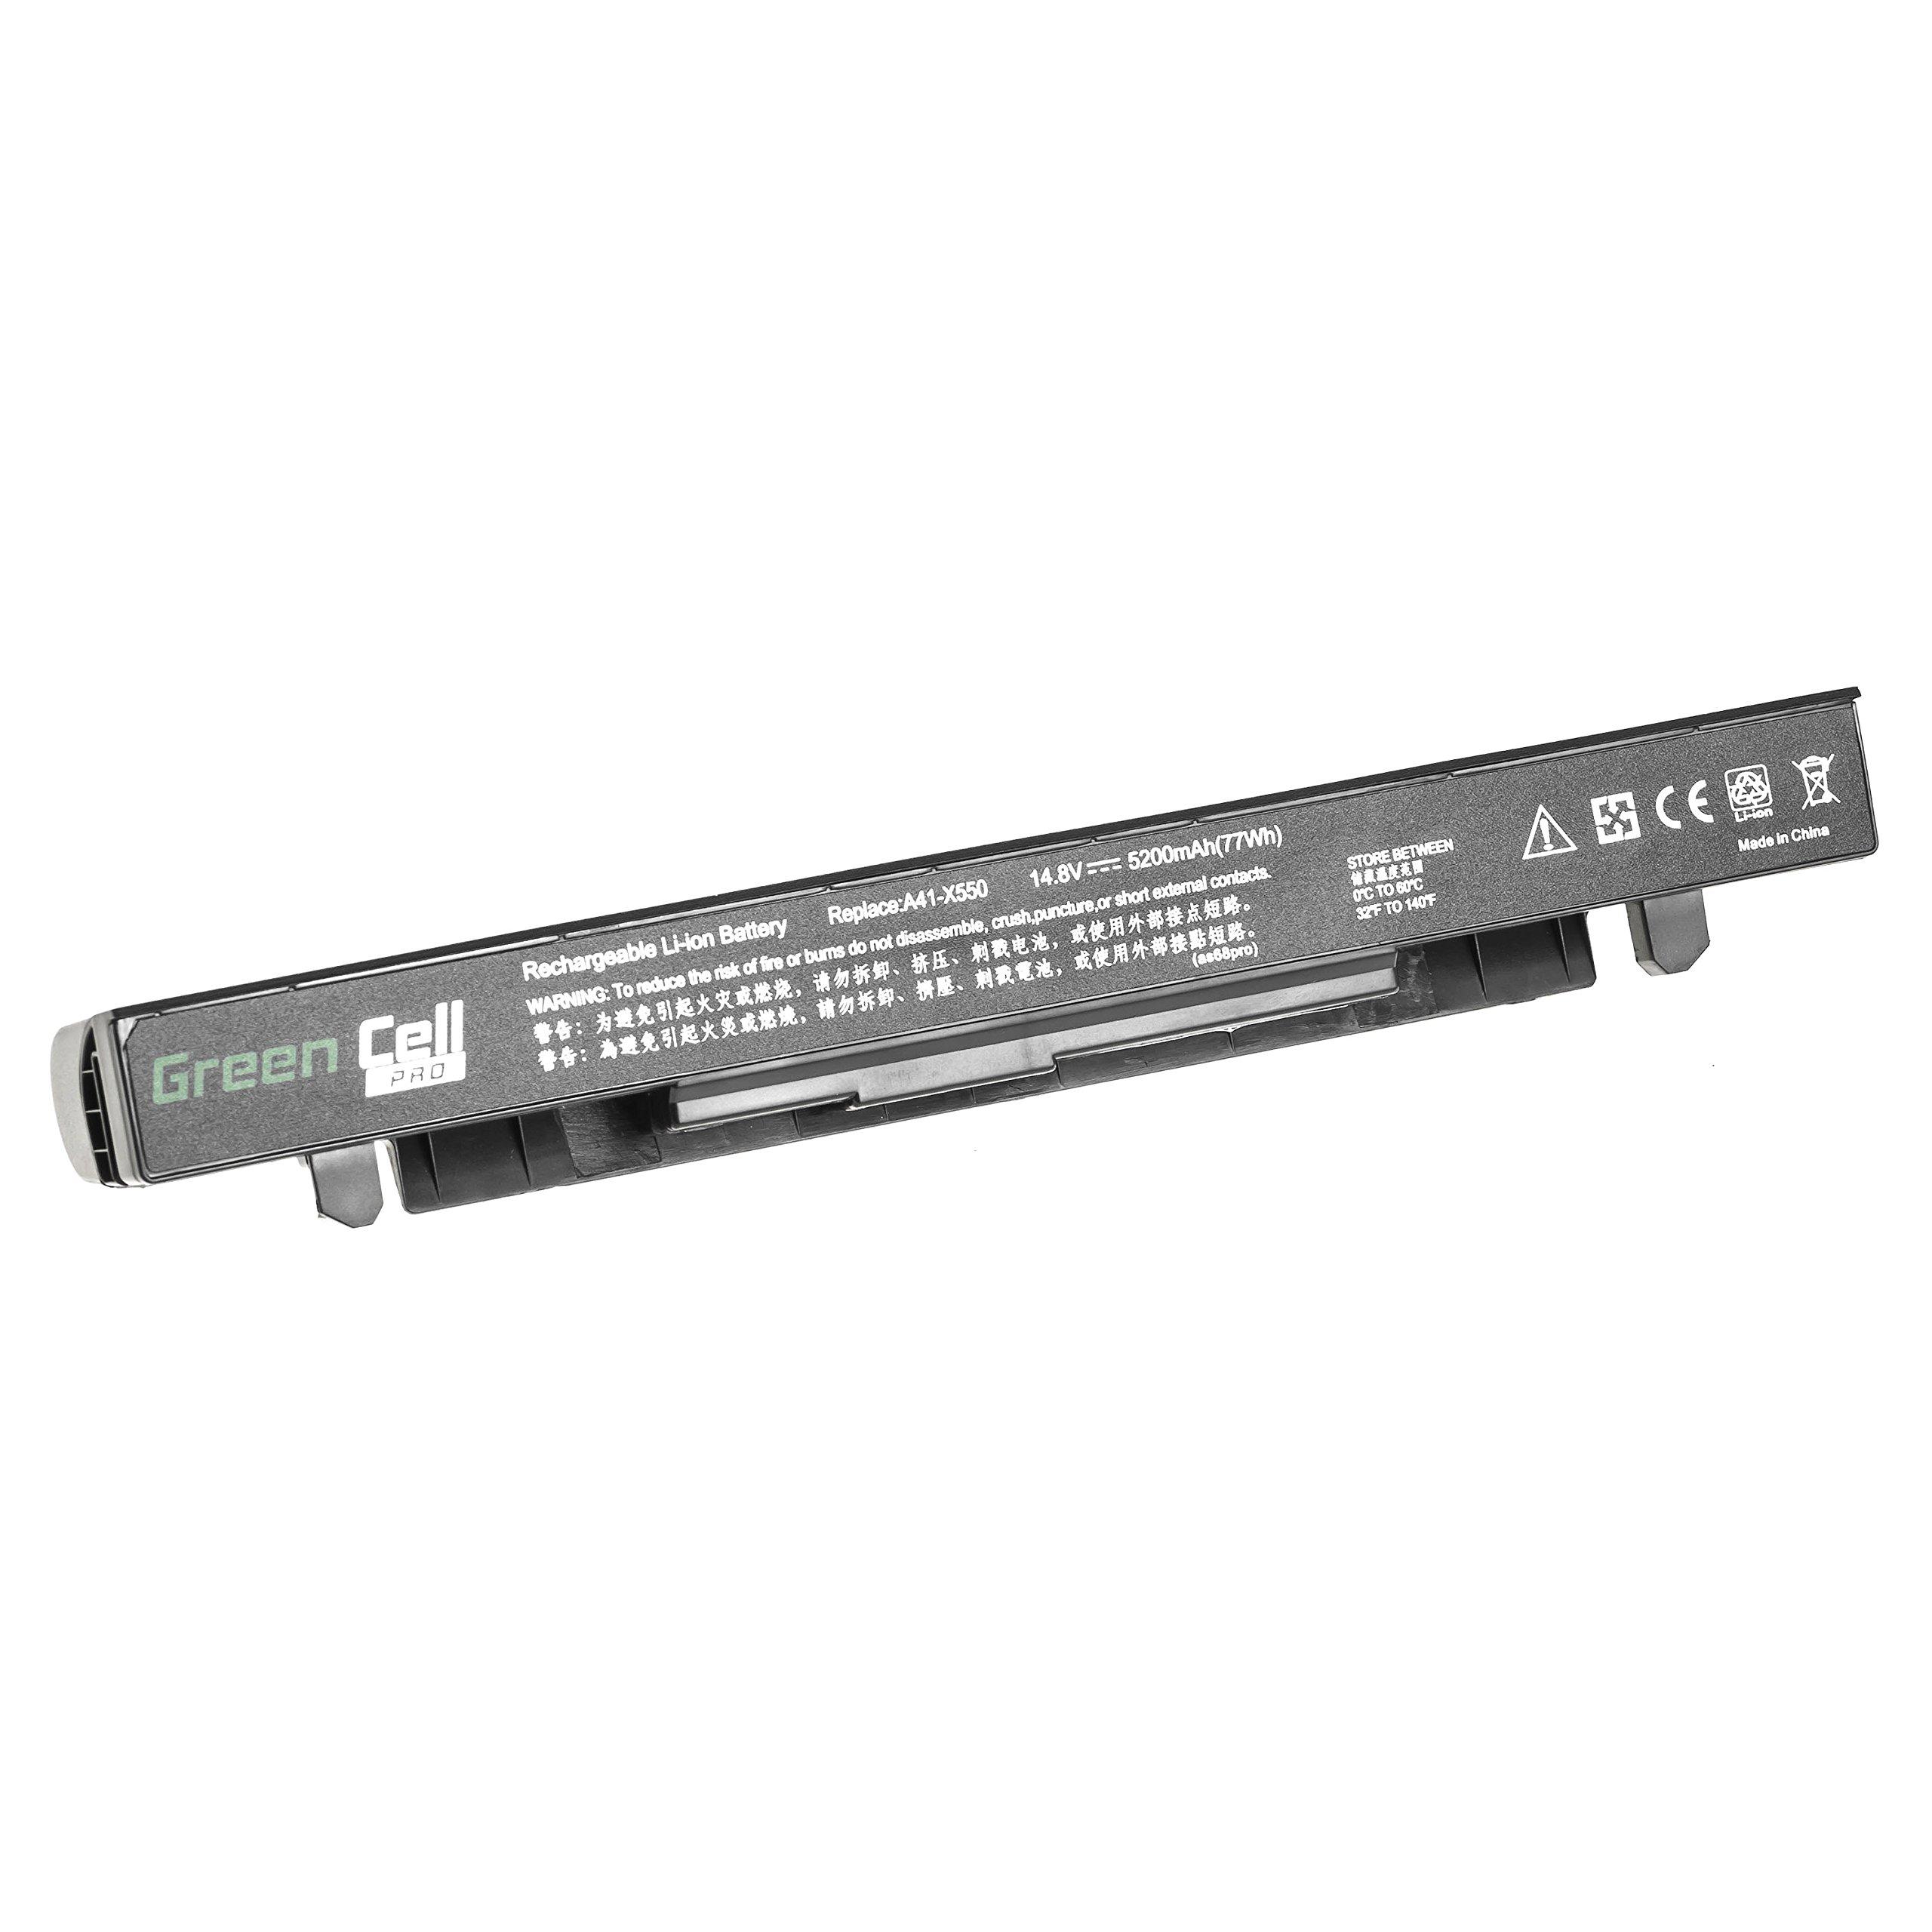 Green Cell PRO Extended Serie A41-X550A Batería para ASUS X550 X550C X550CA X550CC X550CL X550E X550L X550LN X550V X550VB X550VC X550VL Ordenador (Las Celdas Originales Samsung SDI, 5200mAh): Amazon.es: Electrónica